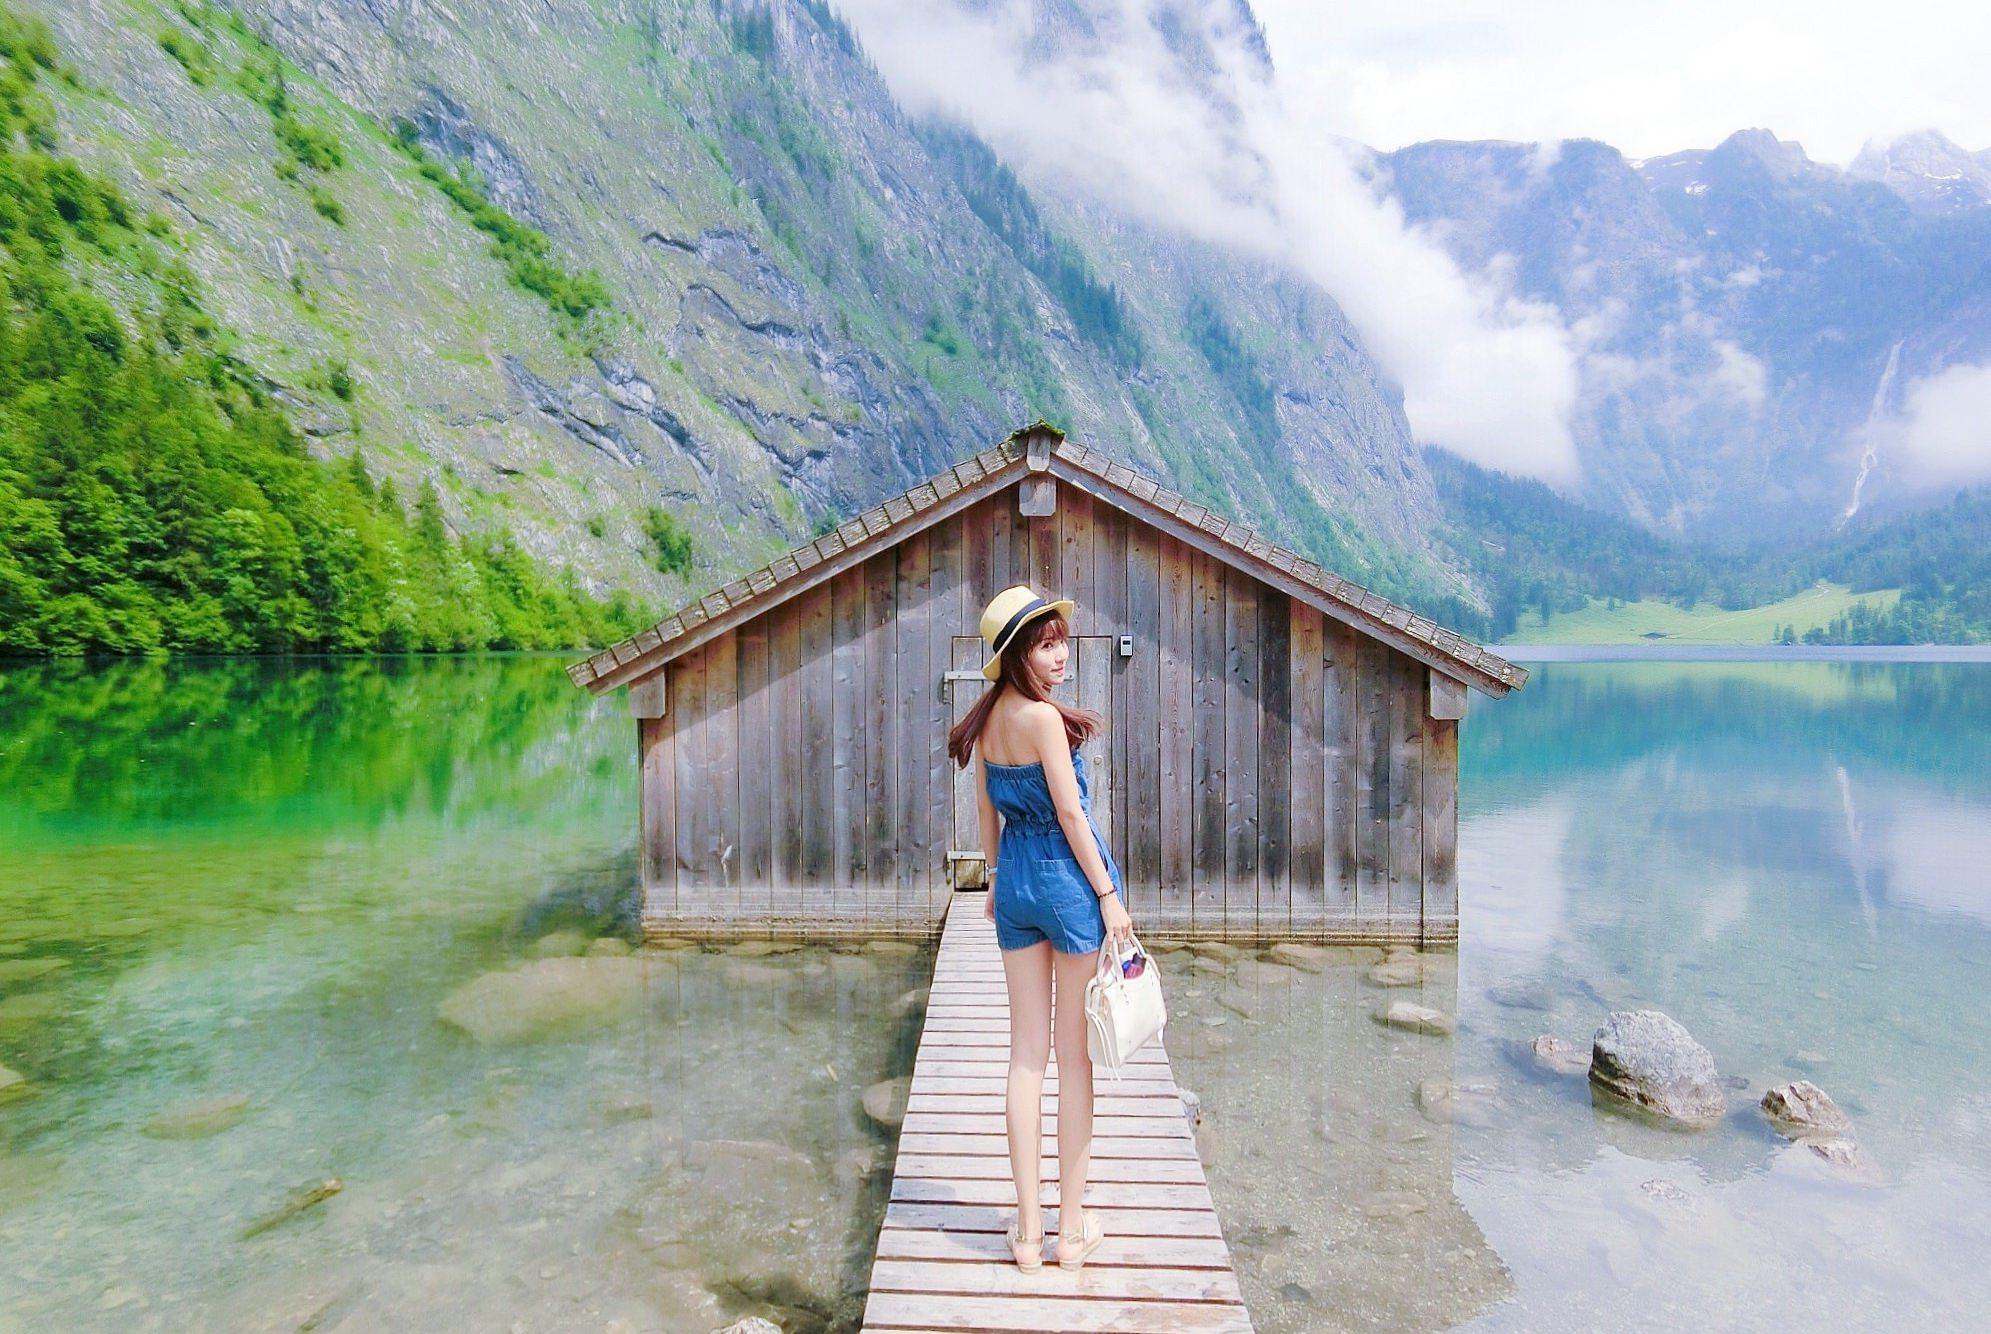 [德國-國王湖]令人屏息的人間仙境 經薩爾斯堡到奧地利邊境 ♥ 小Connie愛夢遊。遊記 - Joy with Lohas